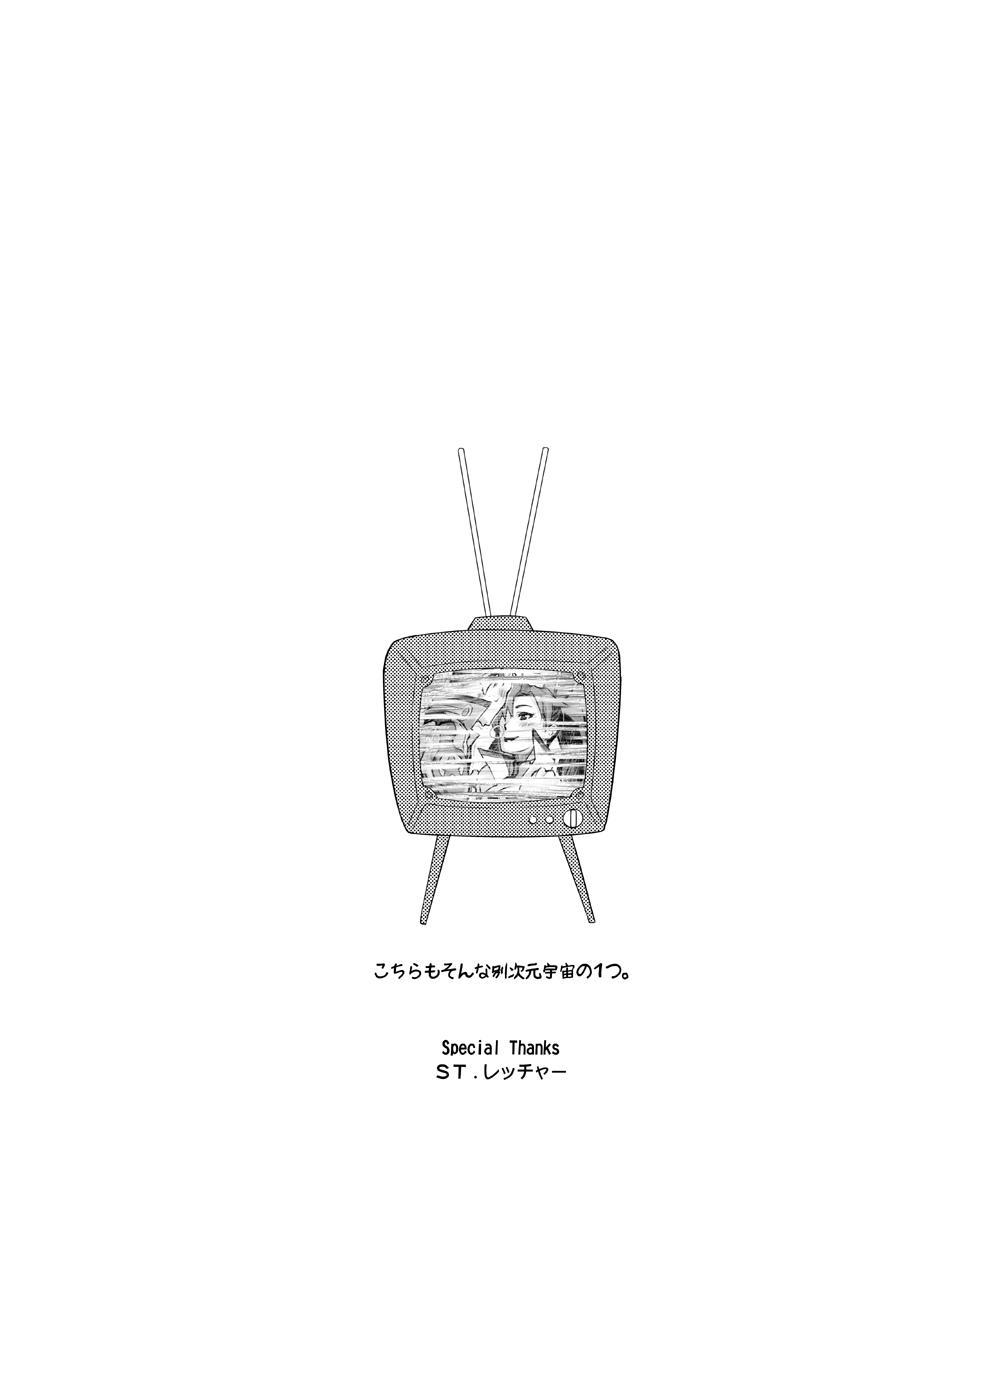 Bishoujo Sniper Yoko-san no ☆☆ 28